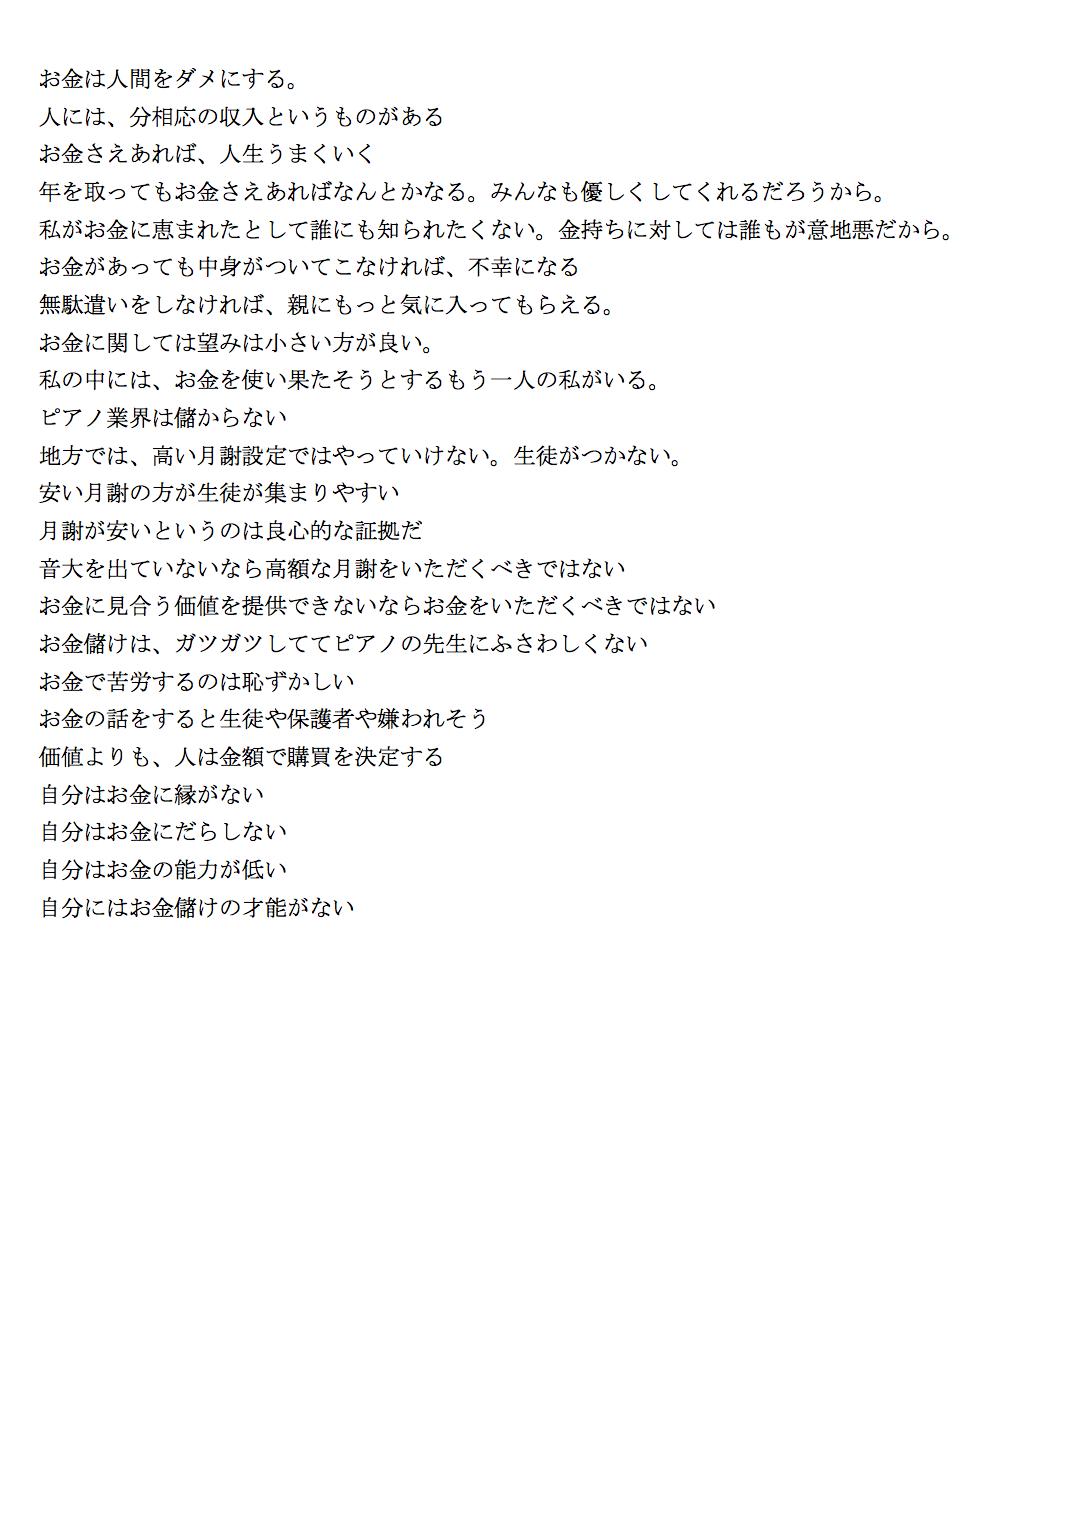 スクリーンショット 2015-11-17 0.22.39